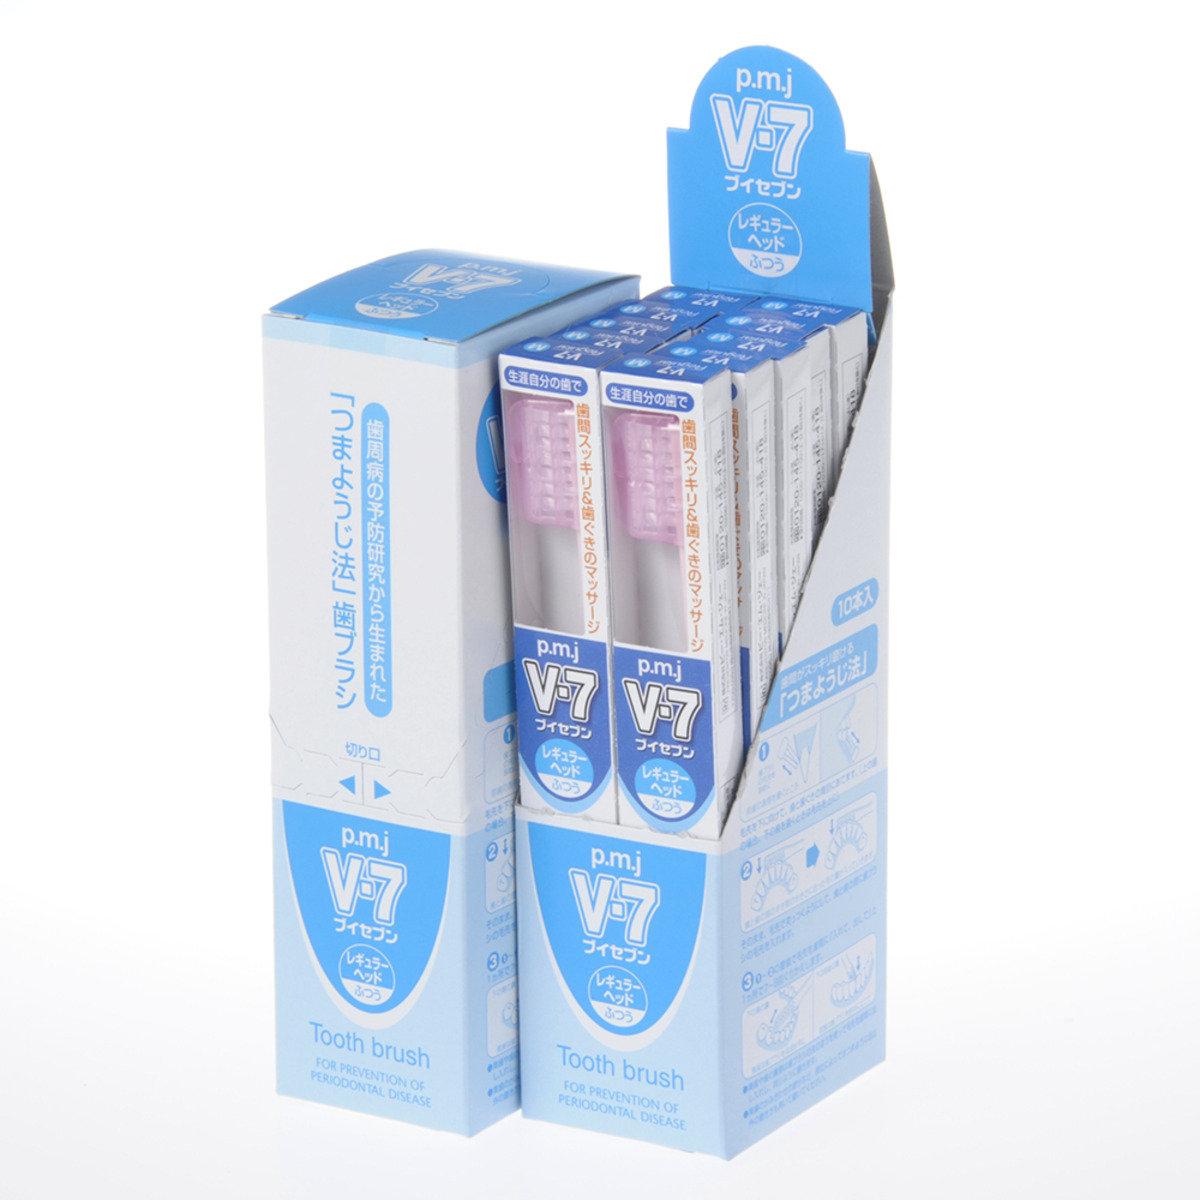 牙籤式牙刷 V-7 普通刷頭 (20支裝)